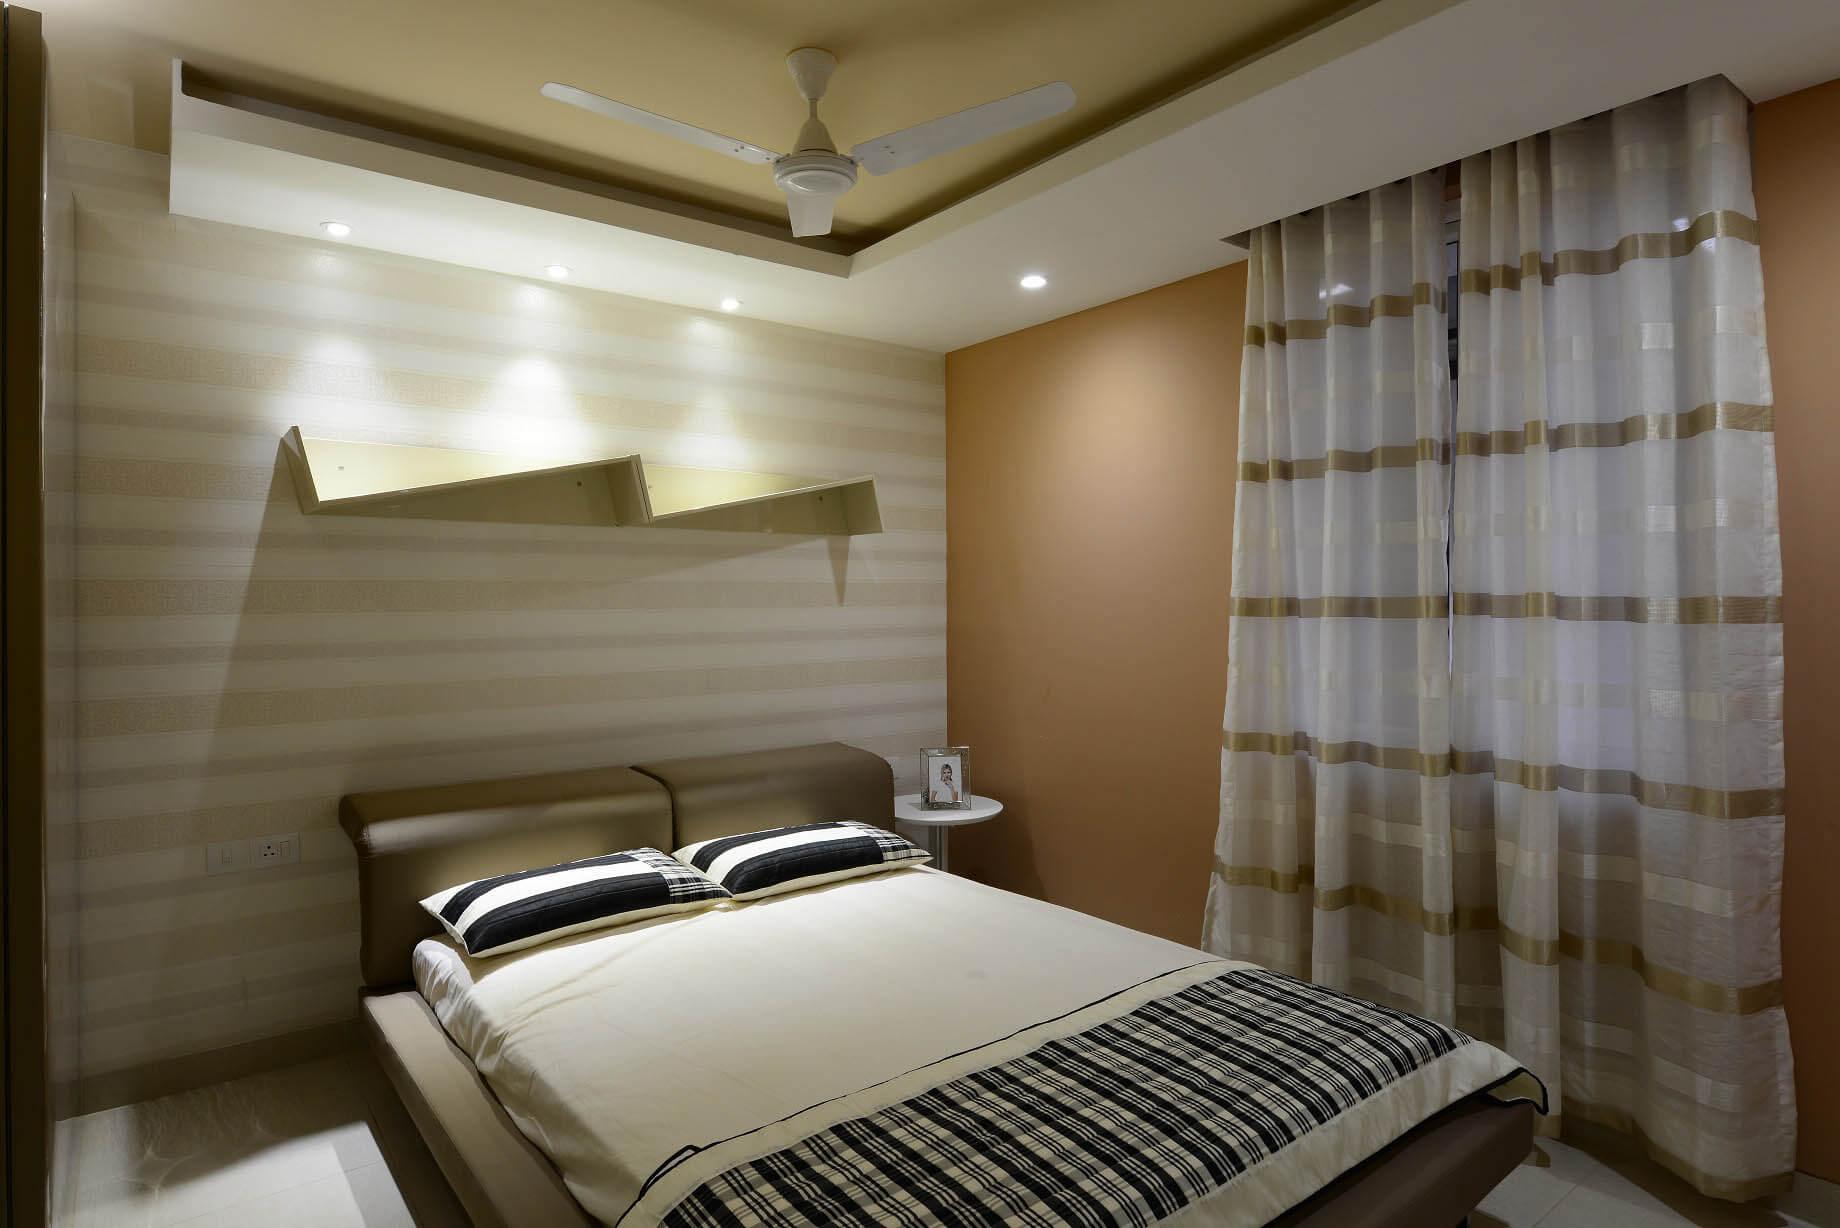 Aparna Sarovar Grande Nallagandla Hyderabad 8521